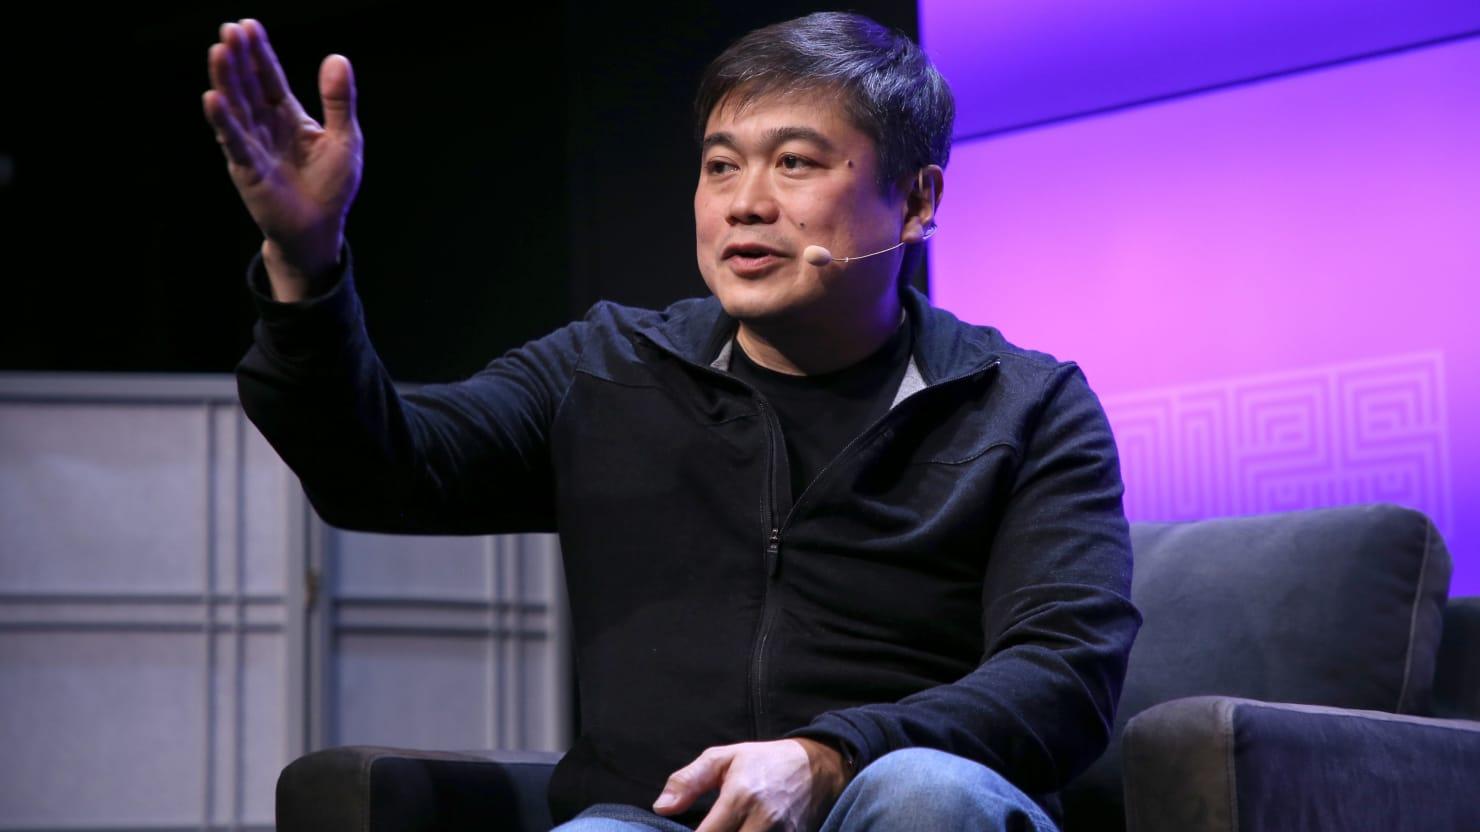 MIT's Joi Ito